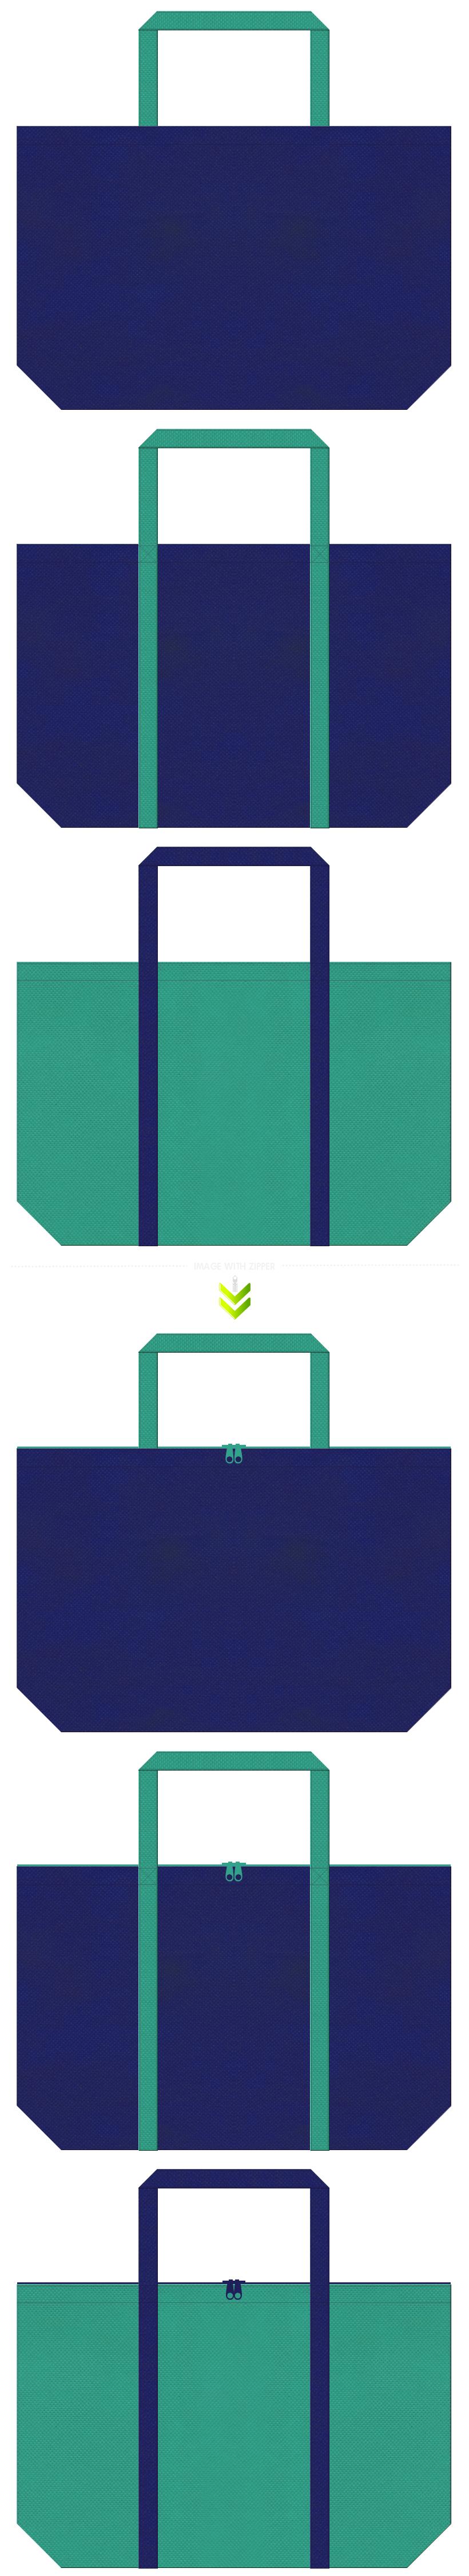 明るい紺色と青緑色の不織布エコバッグのデザイン。ランドリーバッグにお奨めの配色です。